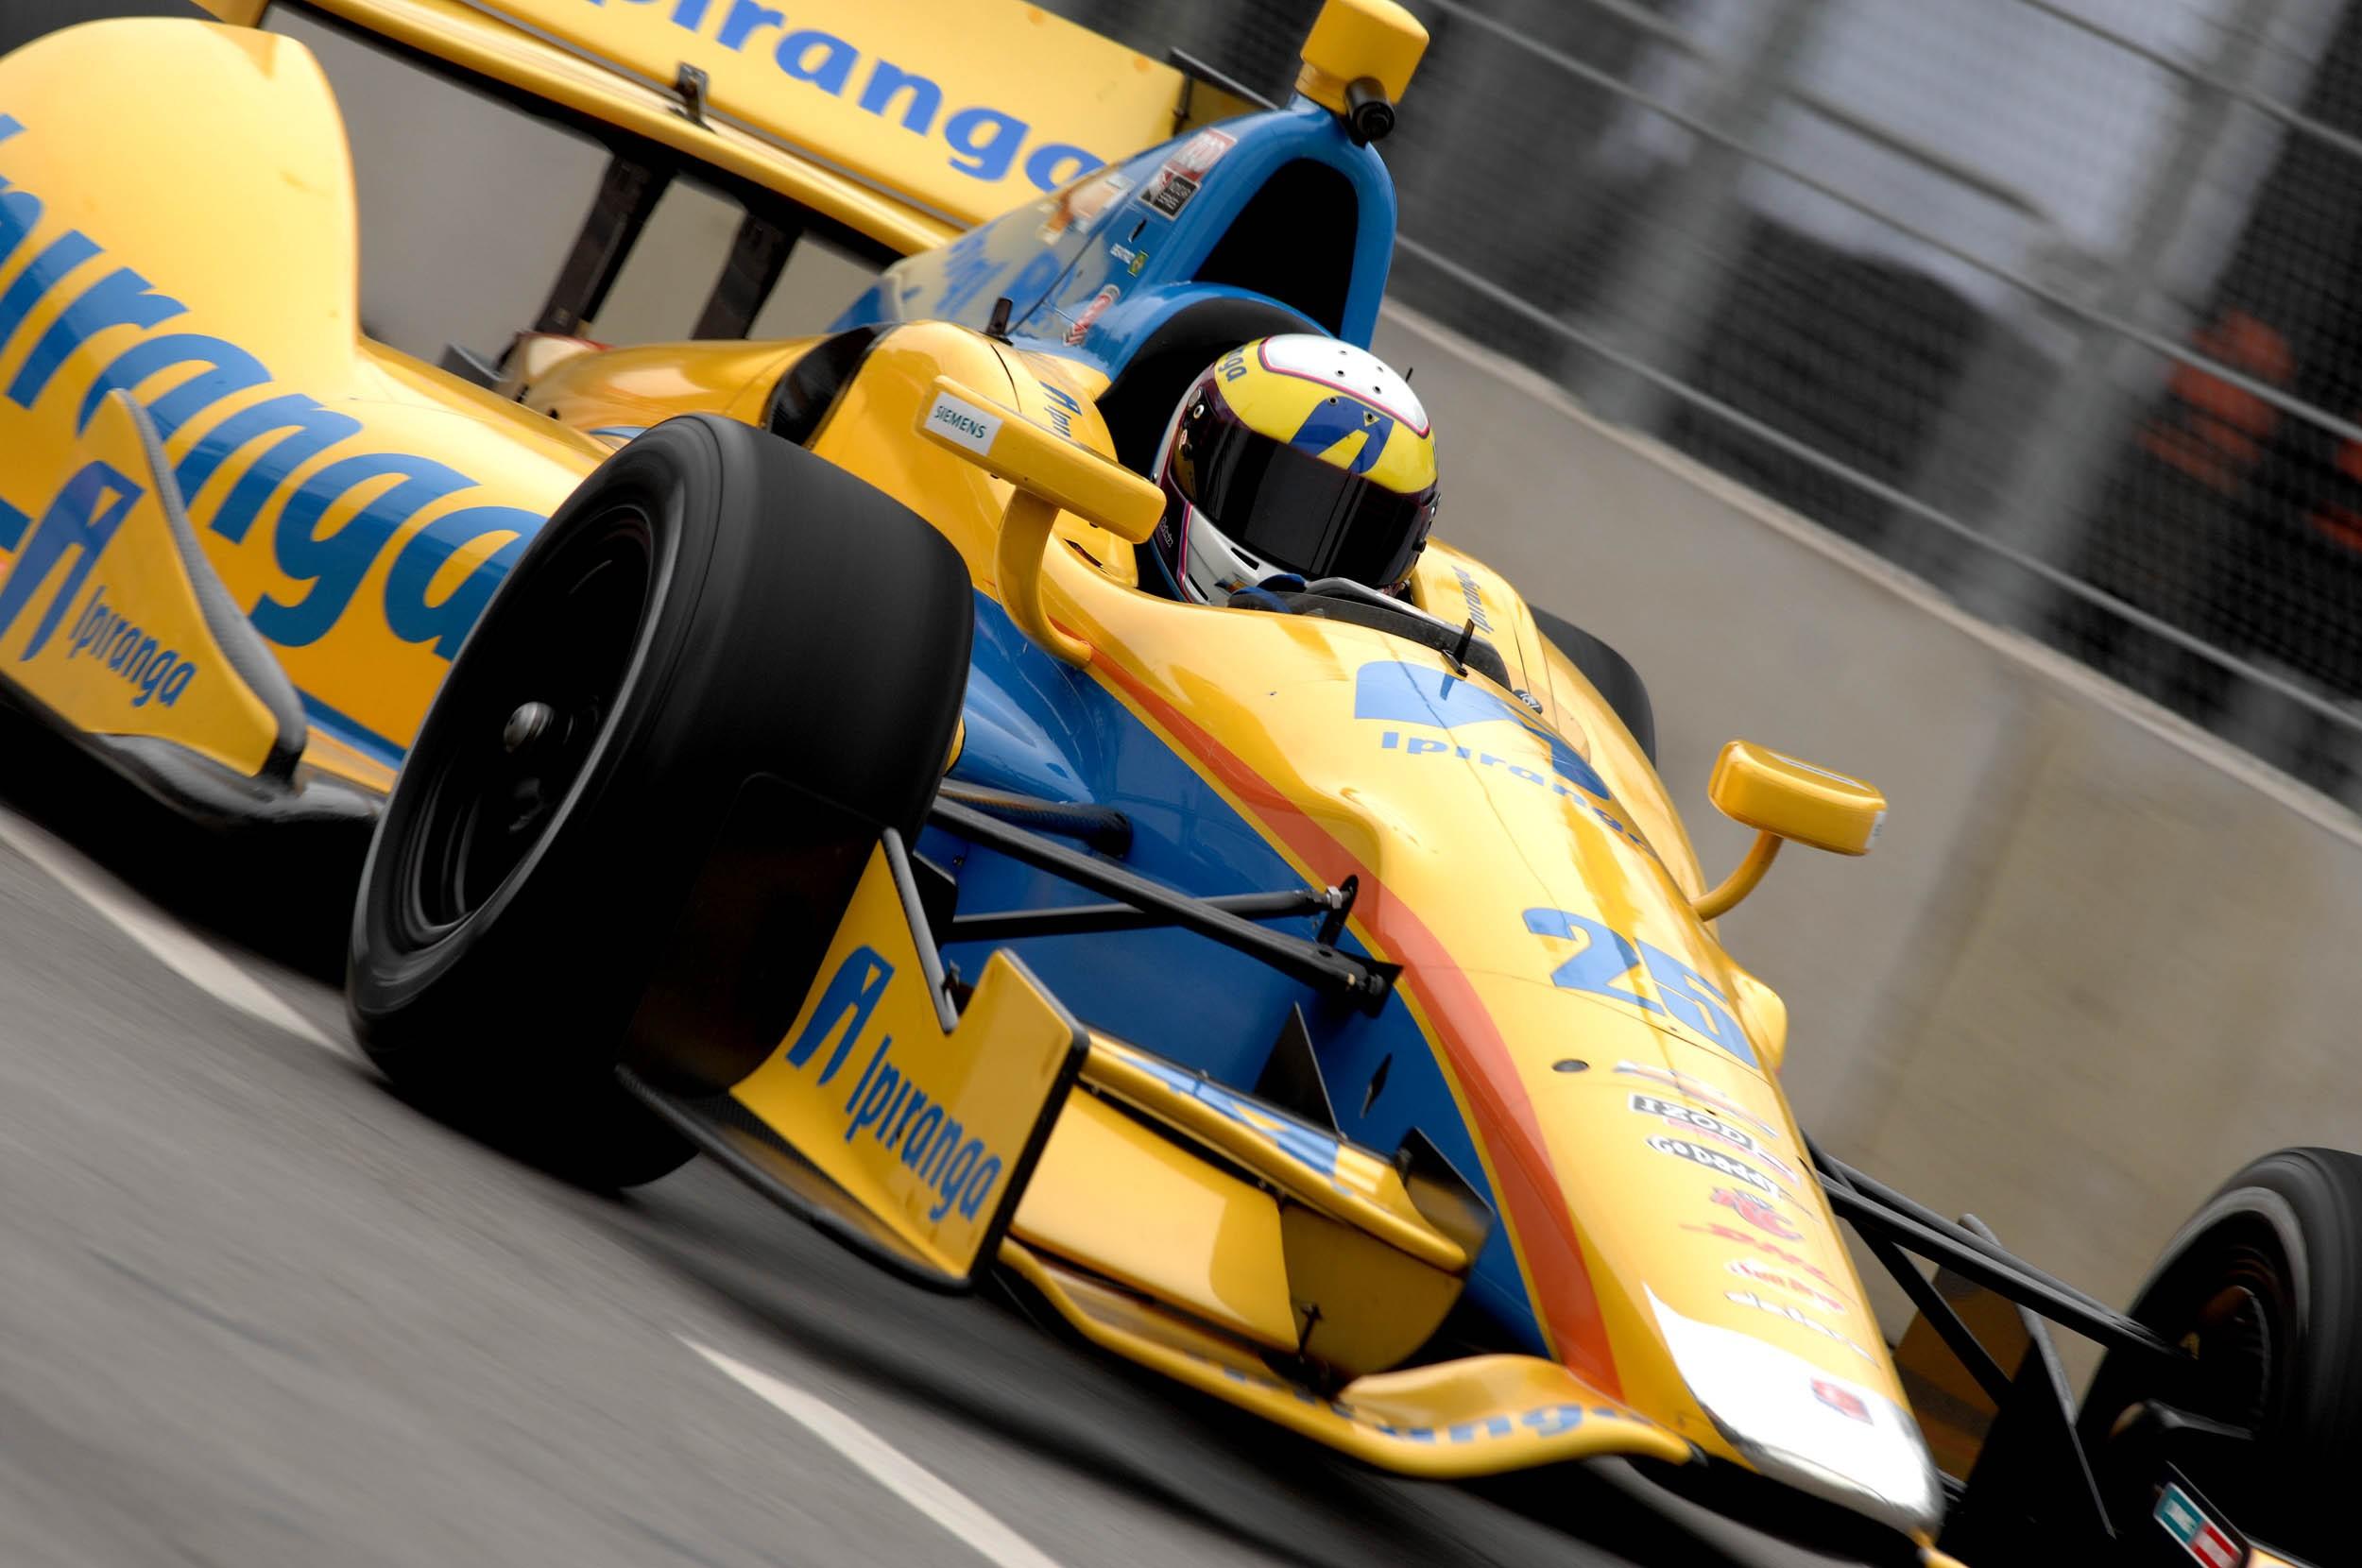 Bia Figueiredo foi a primeira mulher a competir na Fórmula Indy (Foto: Divulgação)